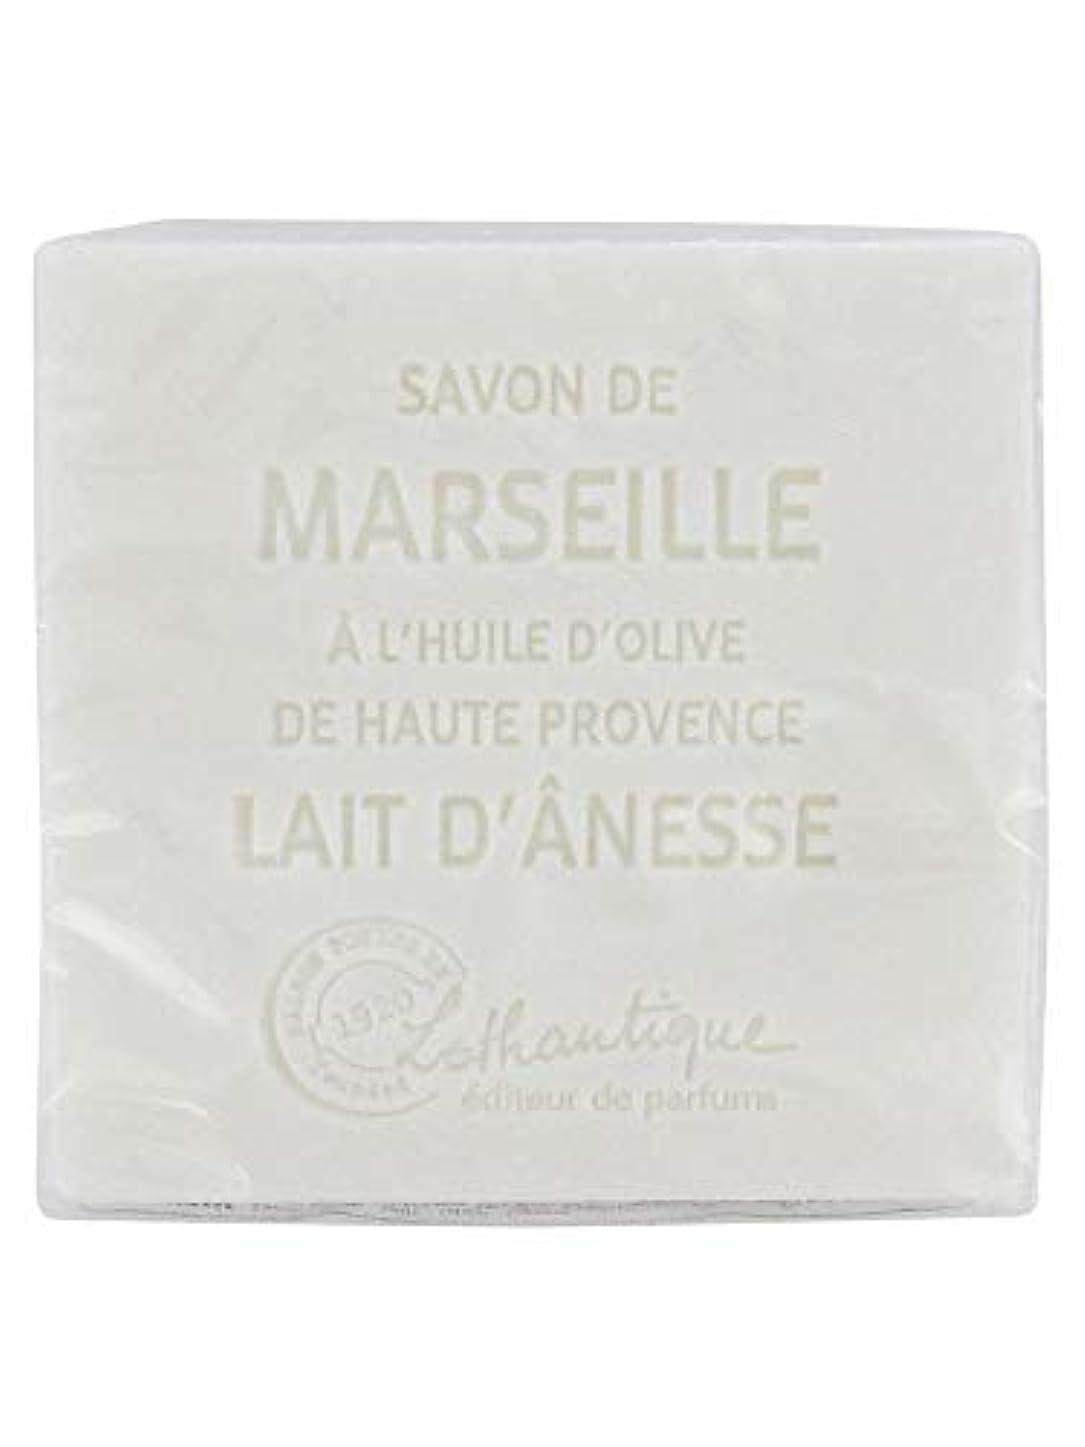 ジョブ生物学フラスコLothantique(ロタンティック) Les savons de Marseille(マルセイユソープ) マルセイユソープ 100g 「ミルク(ロバミルク)」 3420070038043